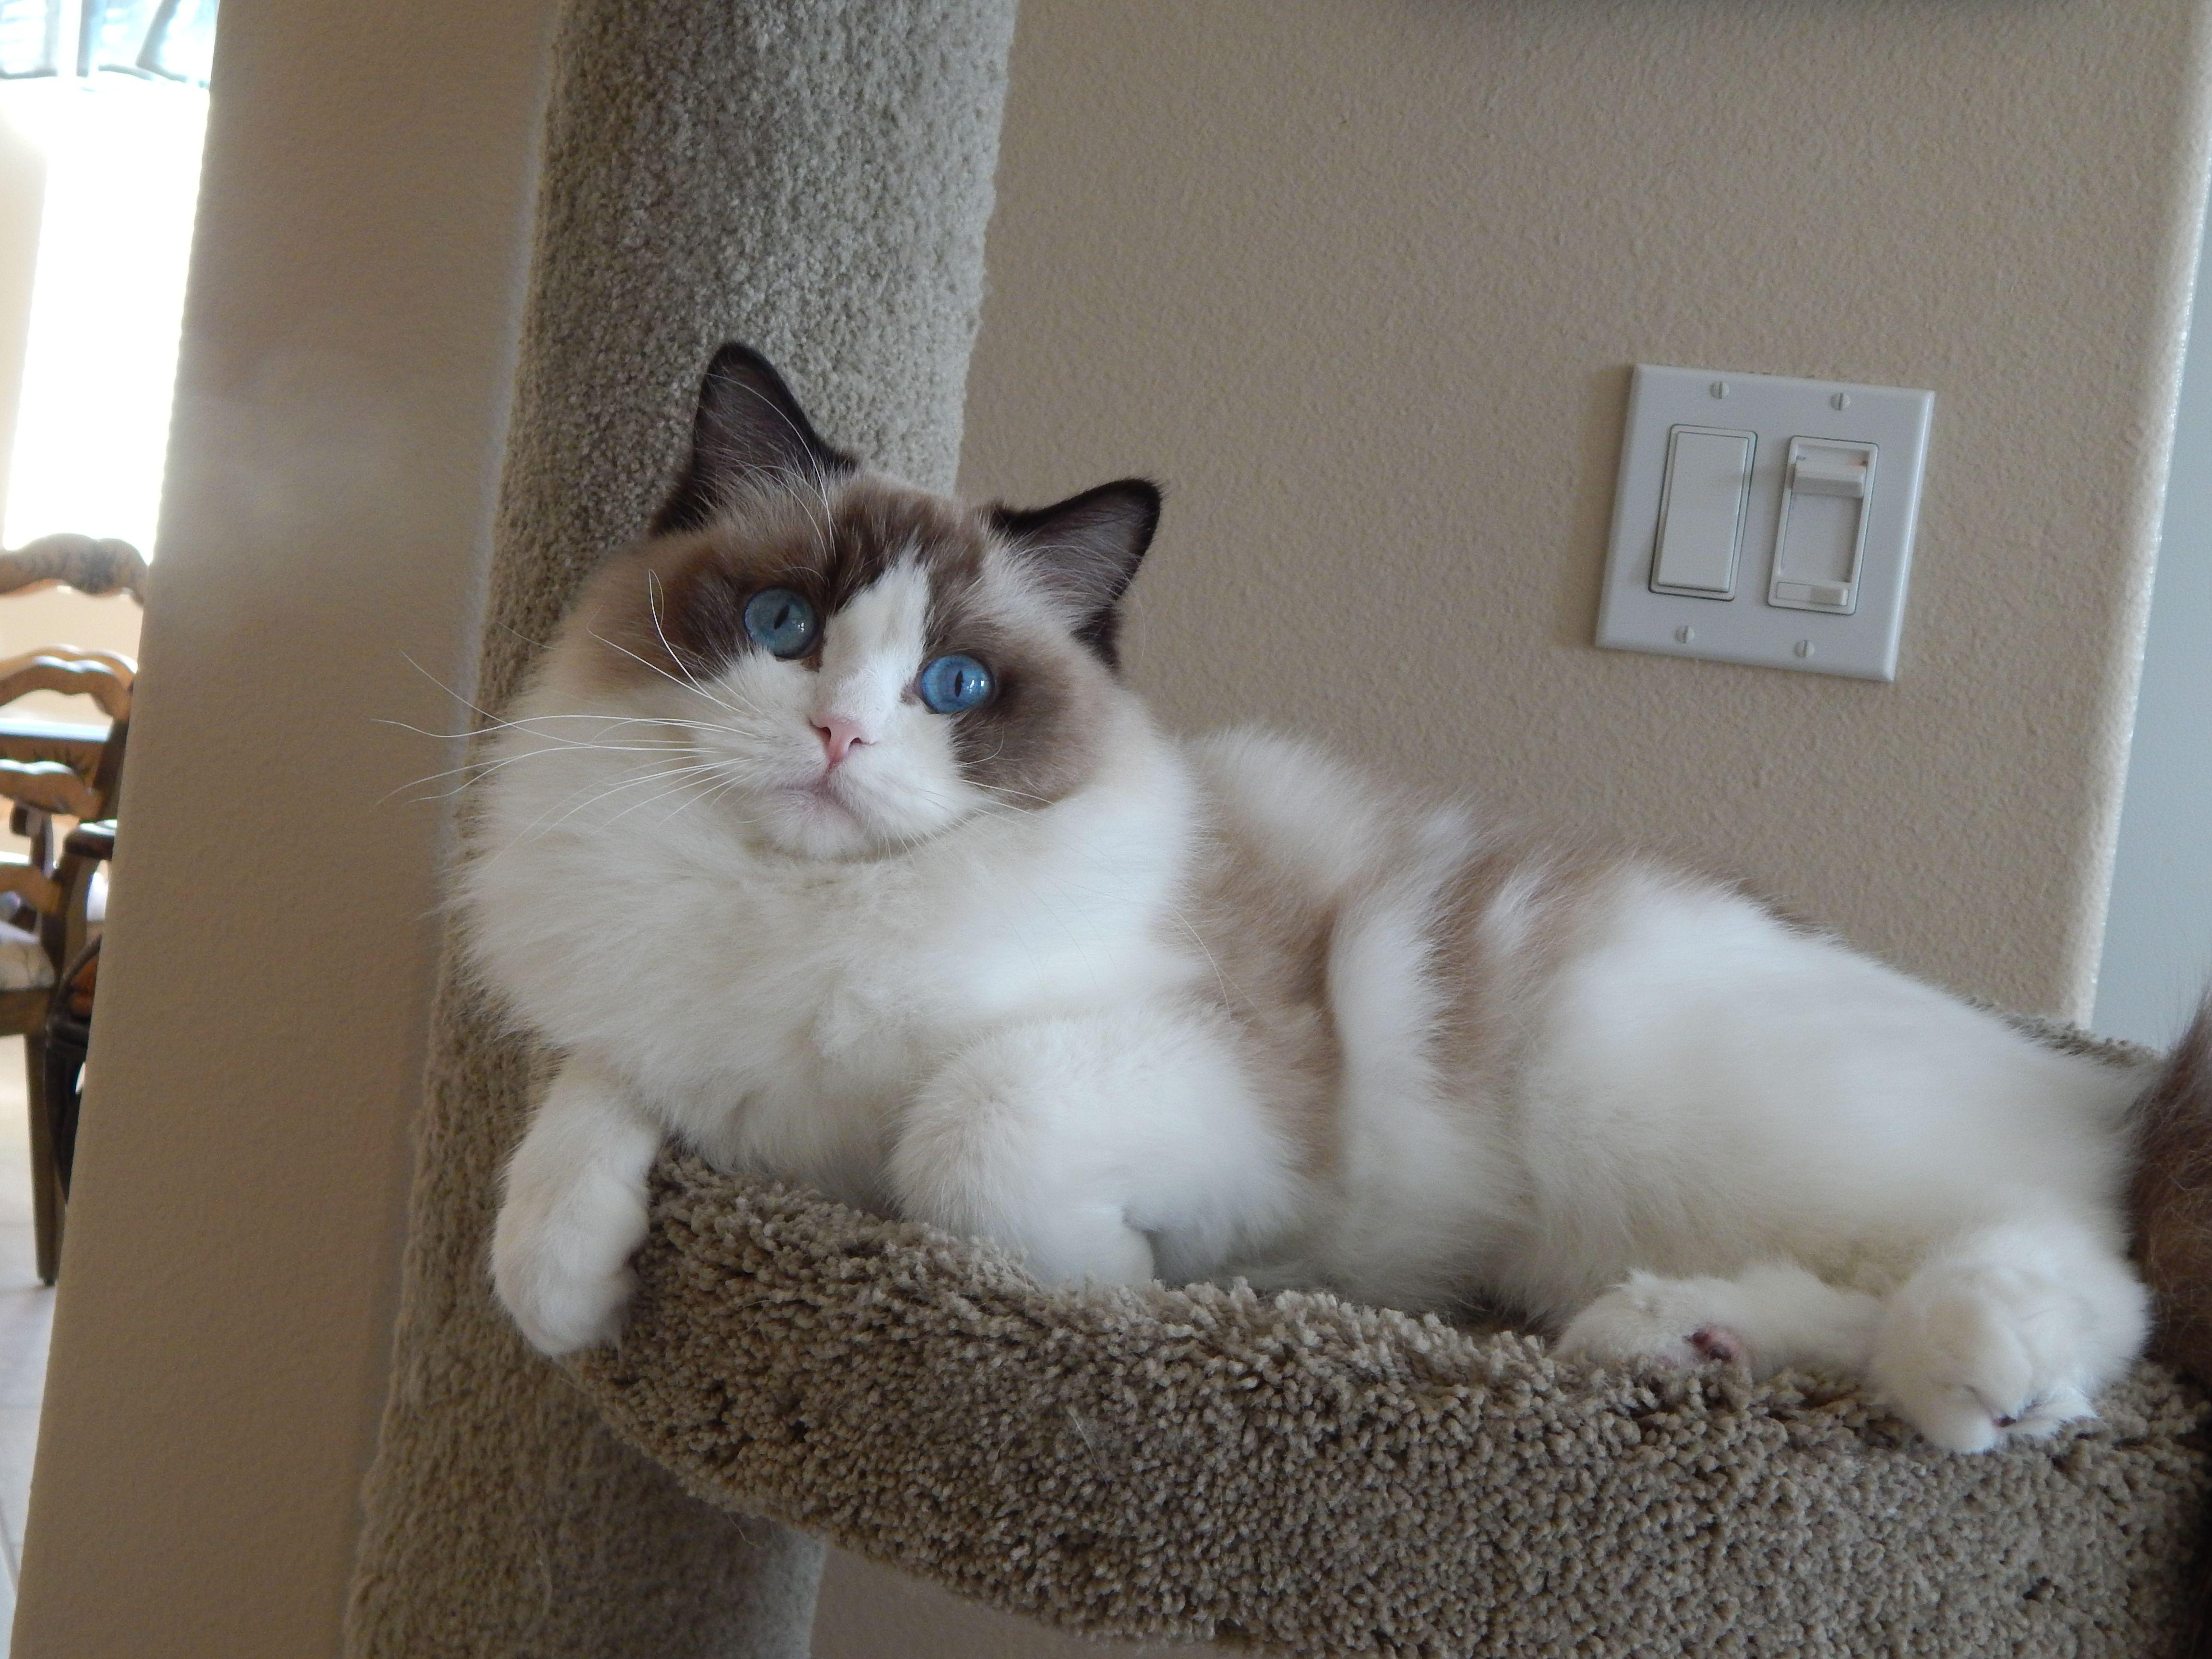 Ruby Ridge Rags Ragdoll Cattery Ragdoll Kittens For Sale California Ragdoll Kittens For Sale Ragdoll Kitten Kitten For Sale